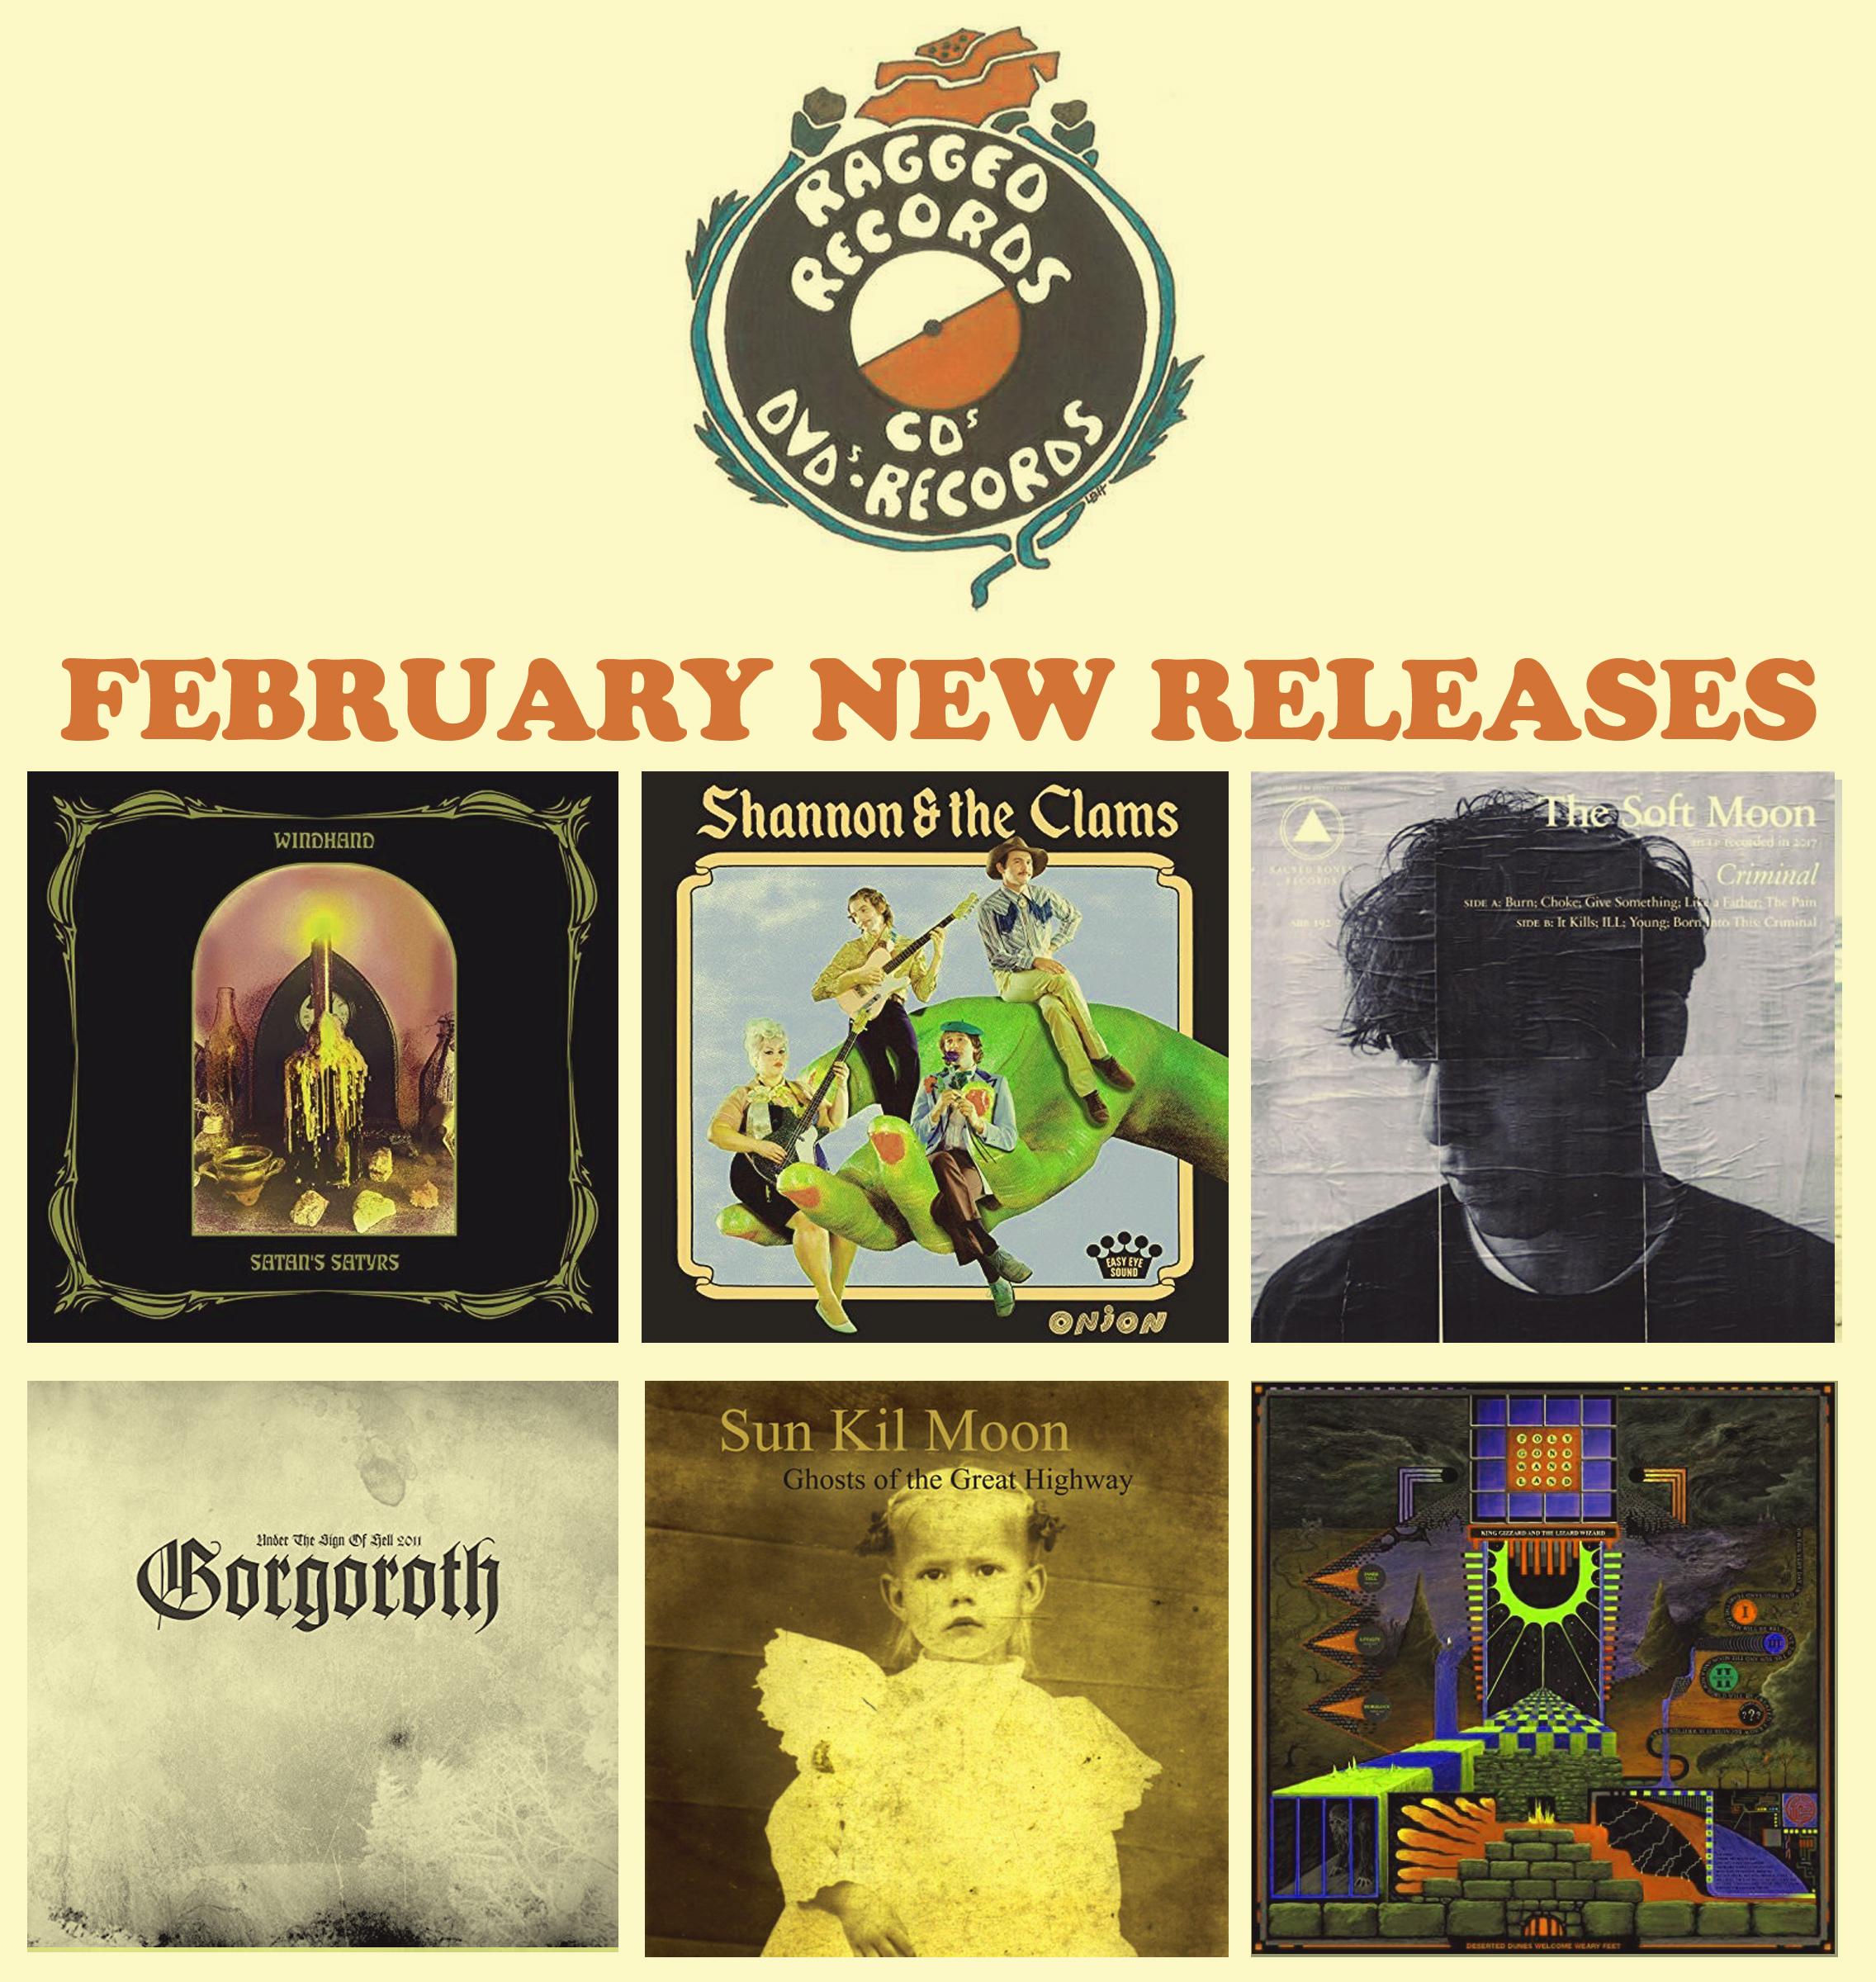 February New Releases 2.jpg